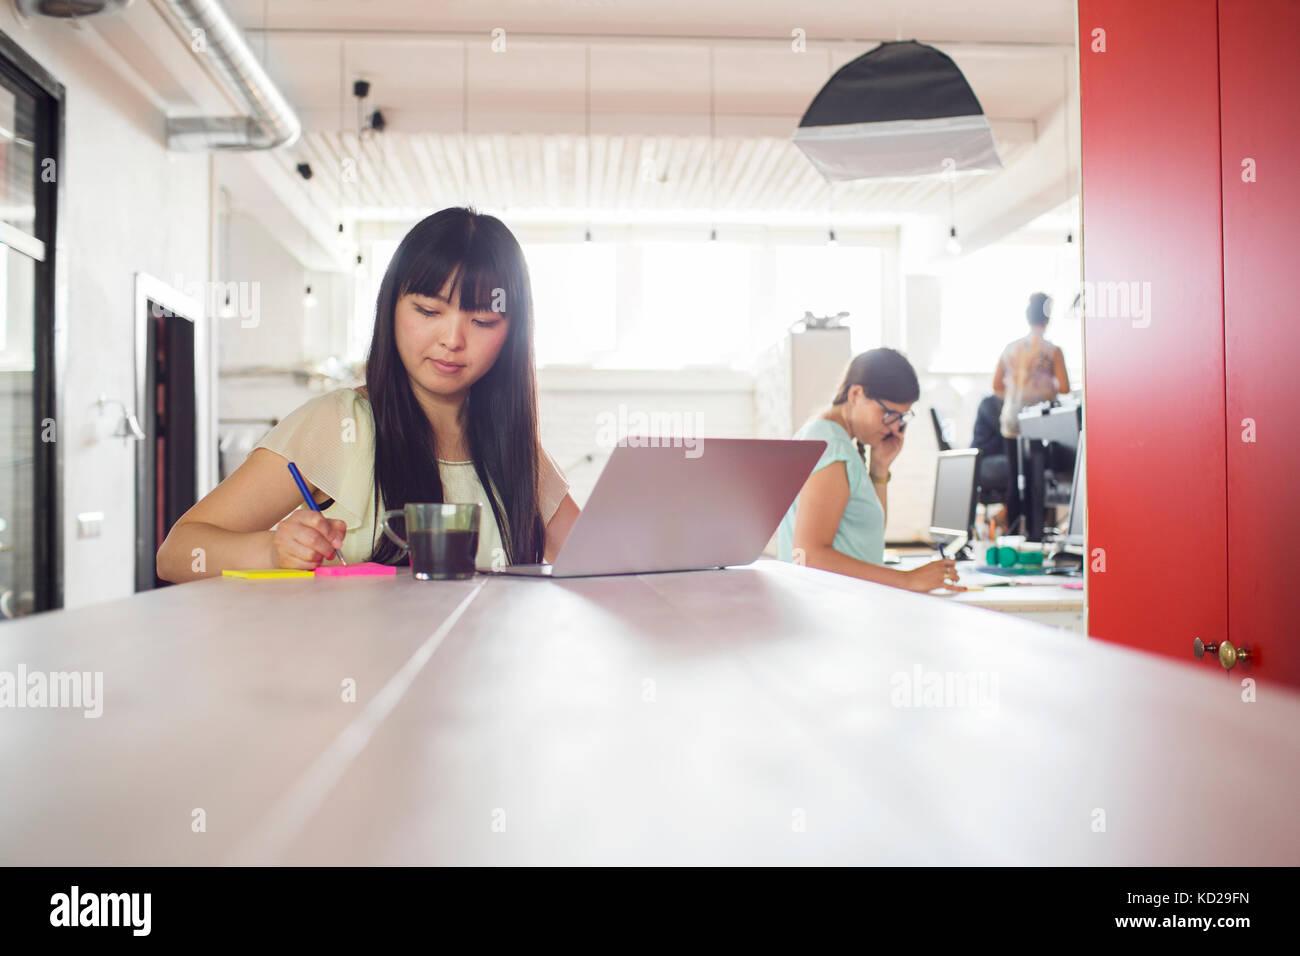 Deux femmes qui travaillent au bureau, à la troisième en arrière-plan Photo Stock